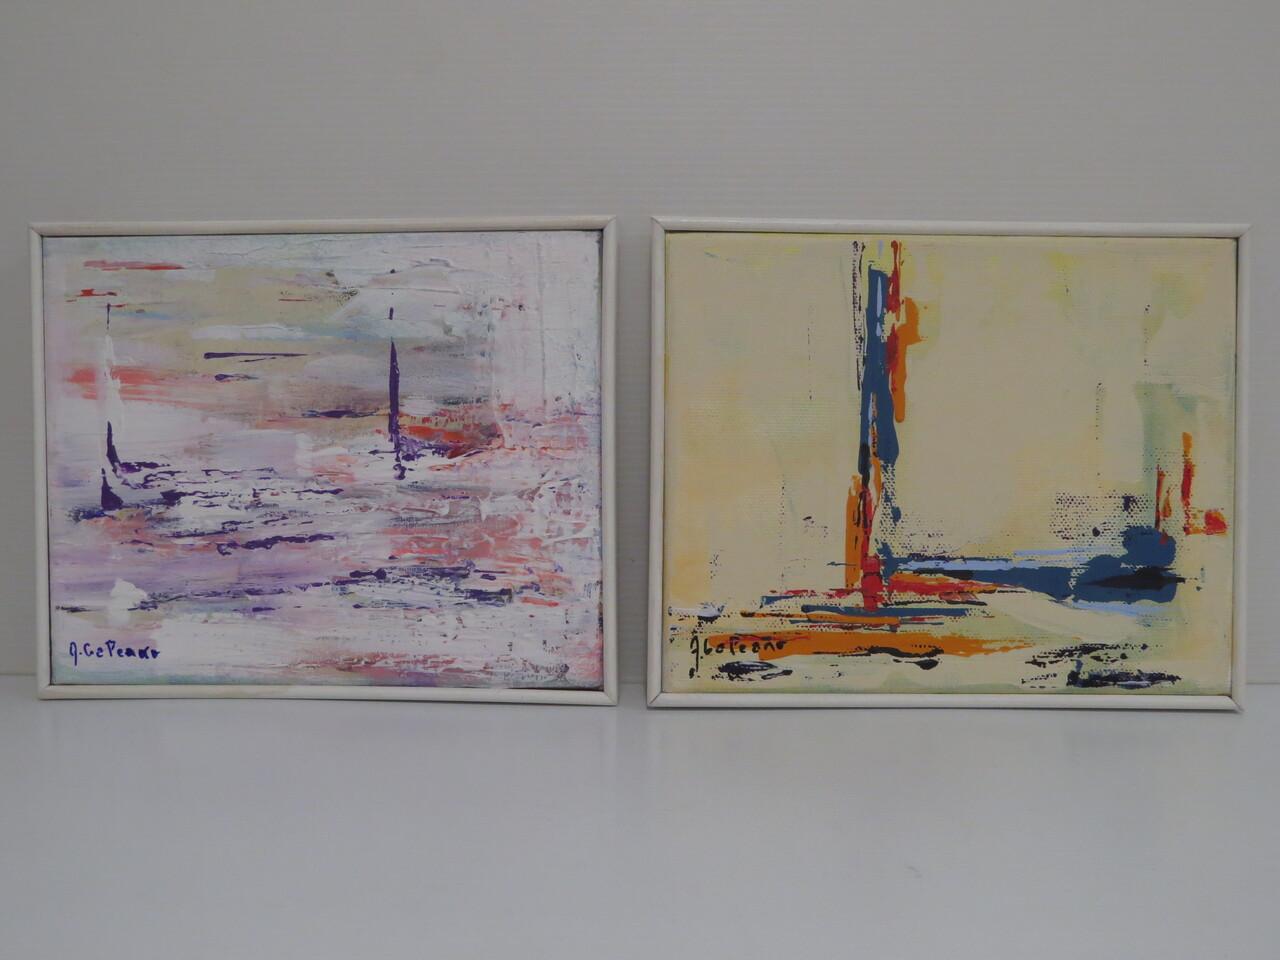 Lote: 28 - Lote: 28 - Serie de 2 pinturas sobre tela